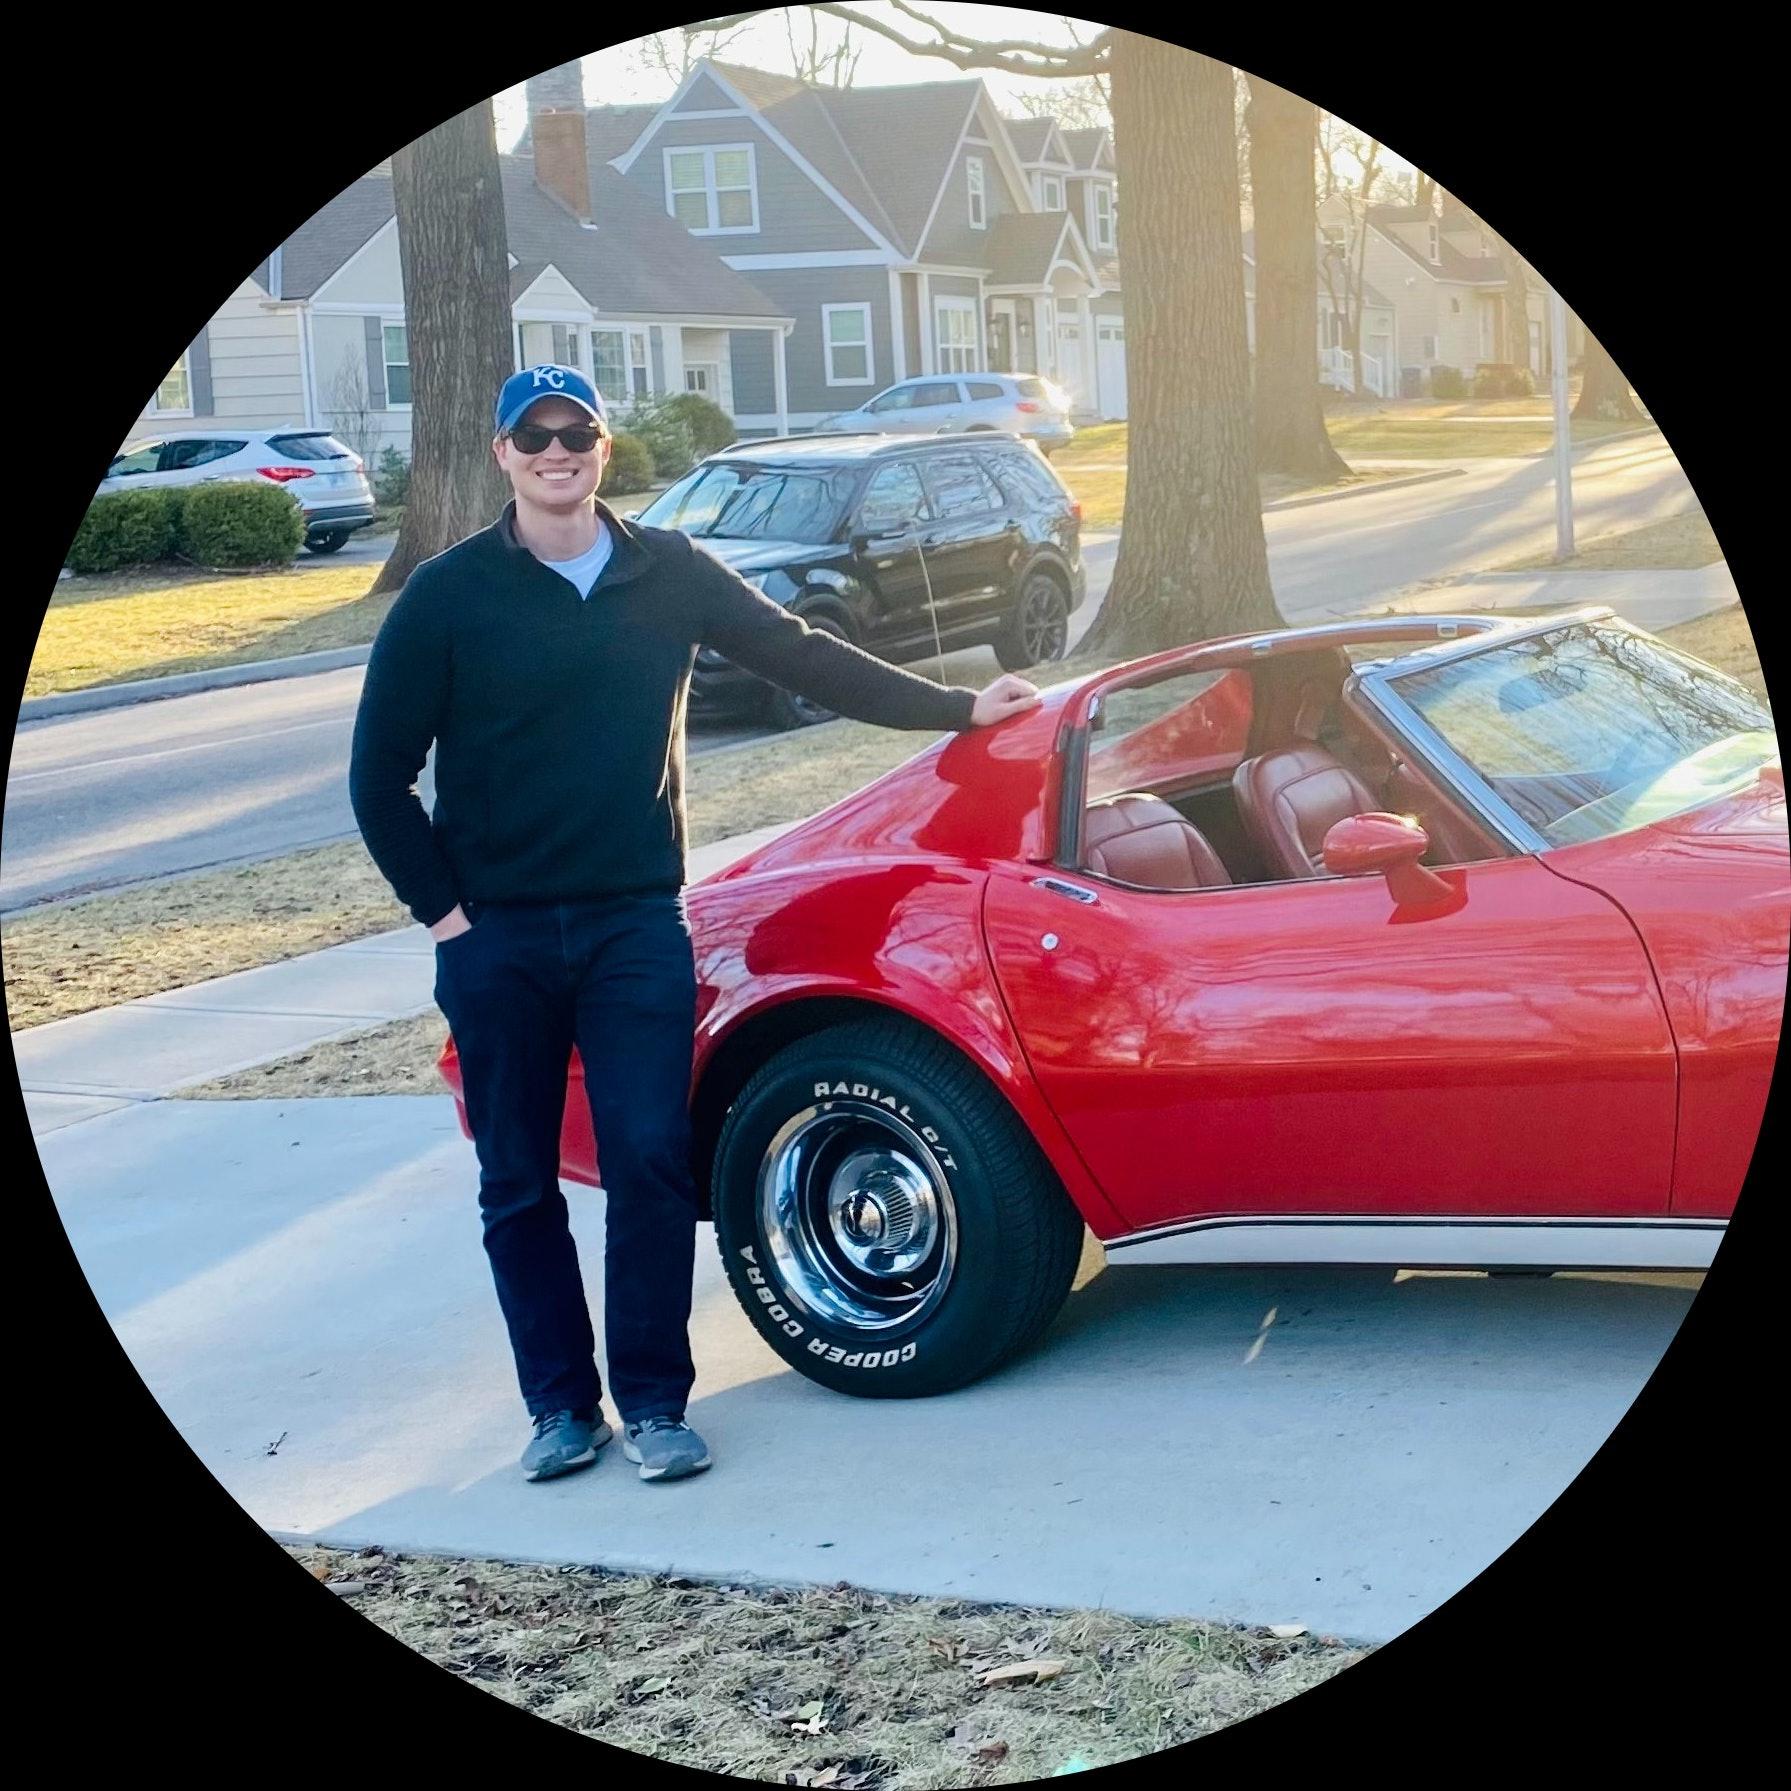 Owner of 1976 Chevrolet Corvette